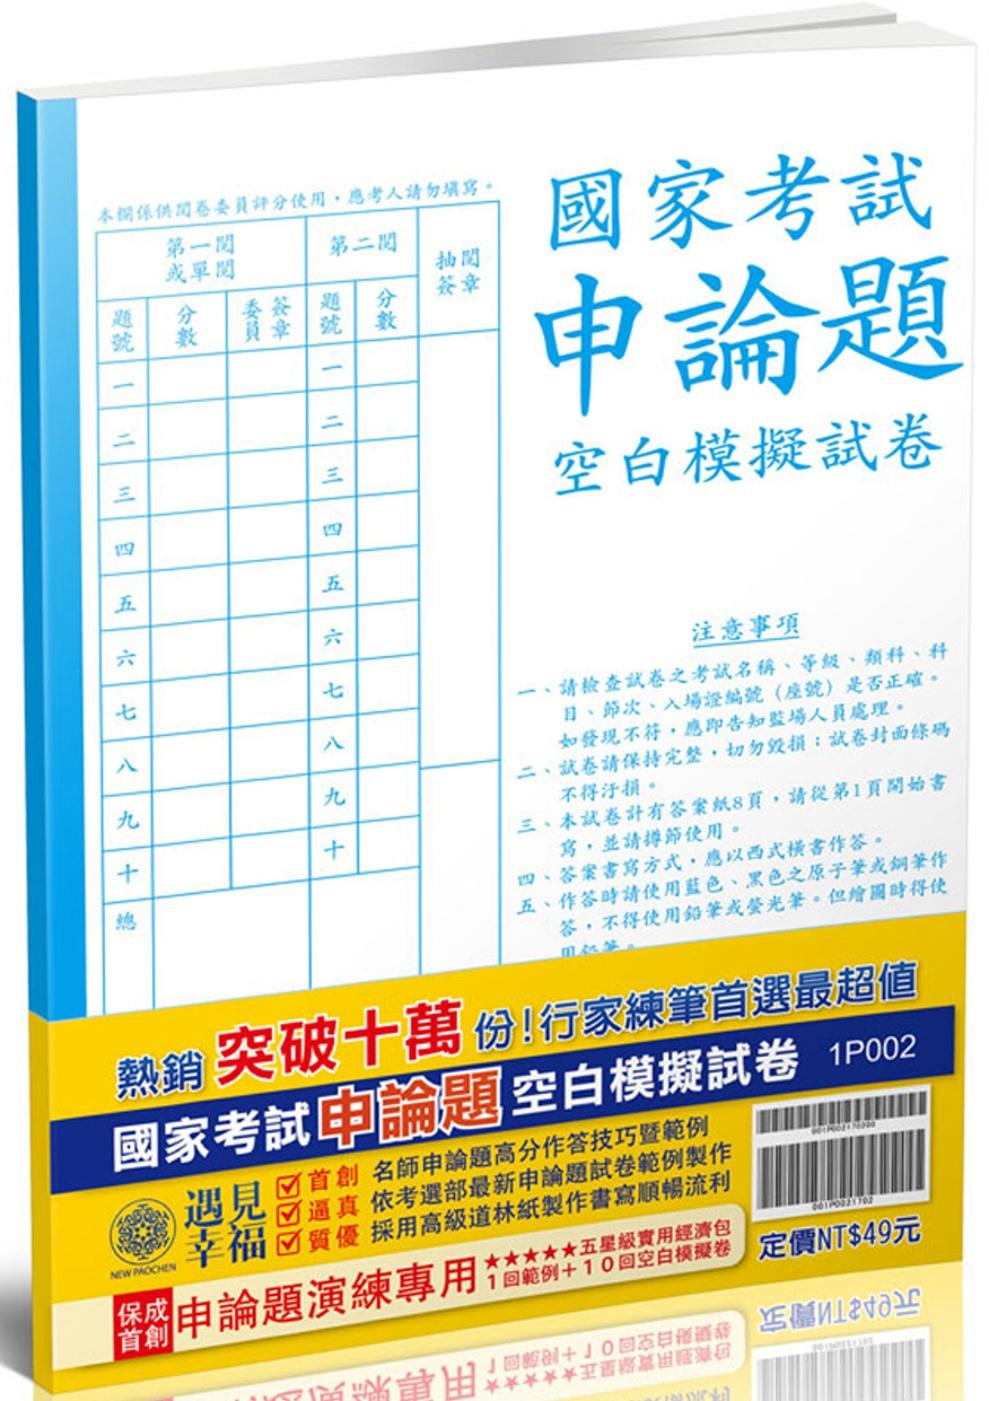 國家考試申論題作答技巧暨範例、空白模擬試卷<保成>(五版)